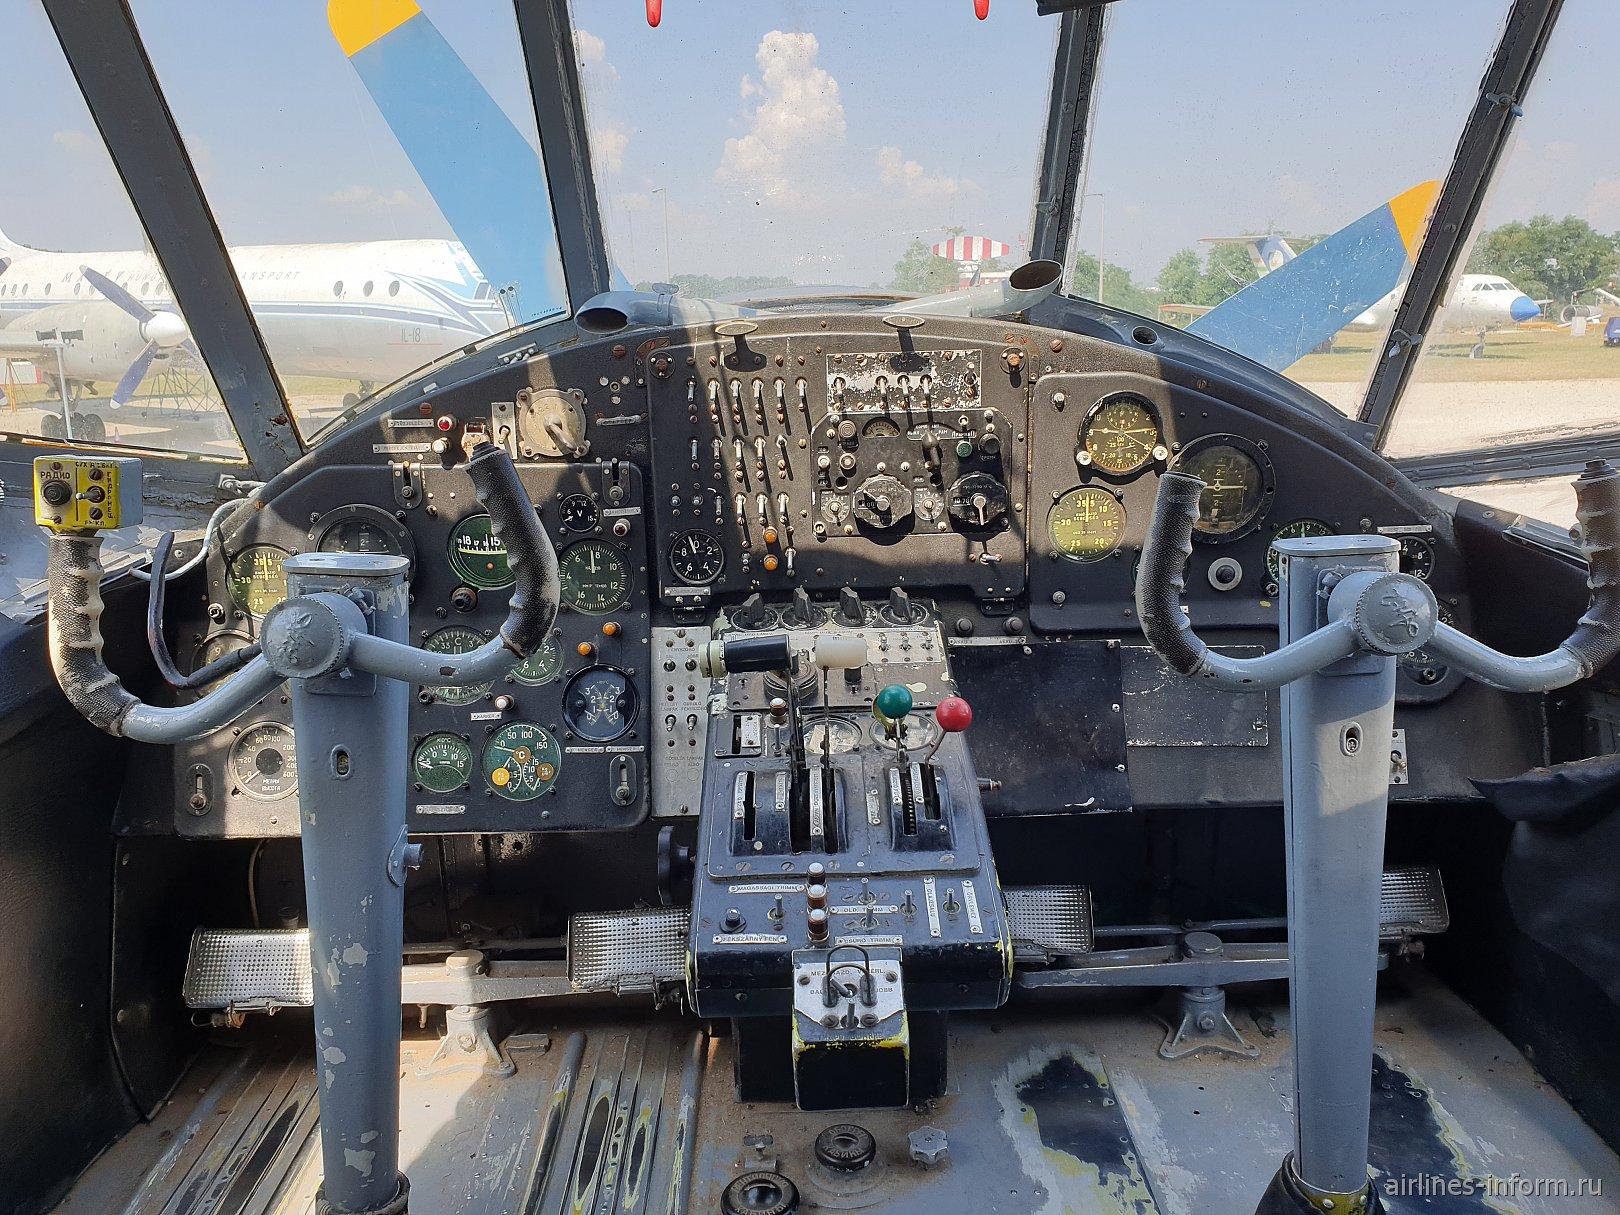 Пилотская кабина в самолете Ан-2